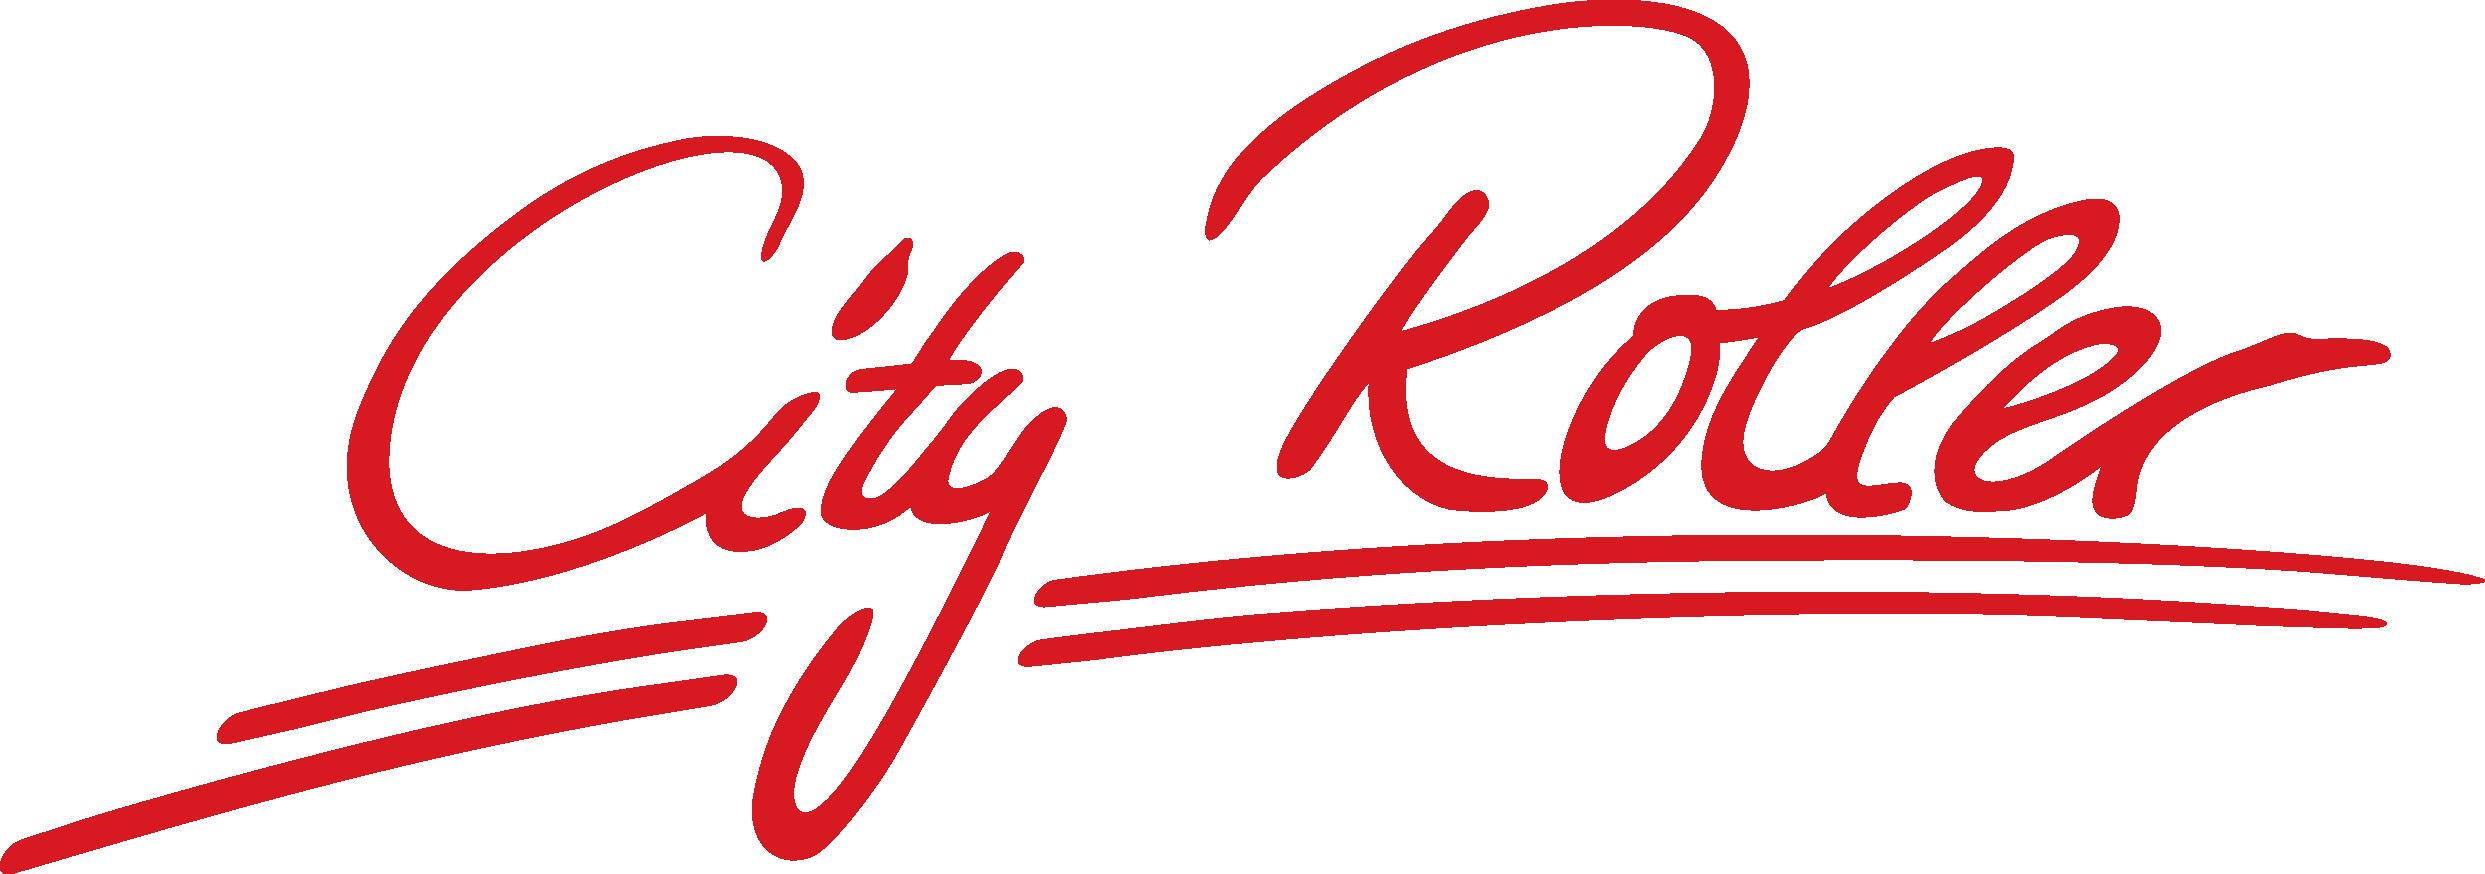 City Roller Stuttgart